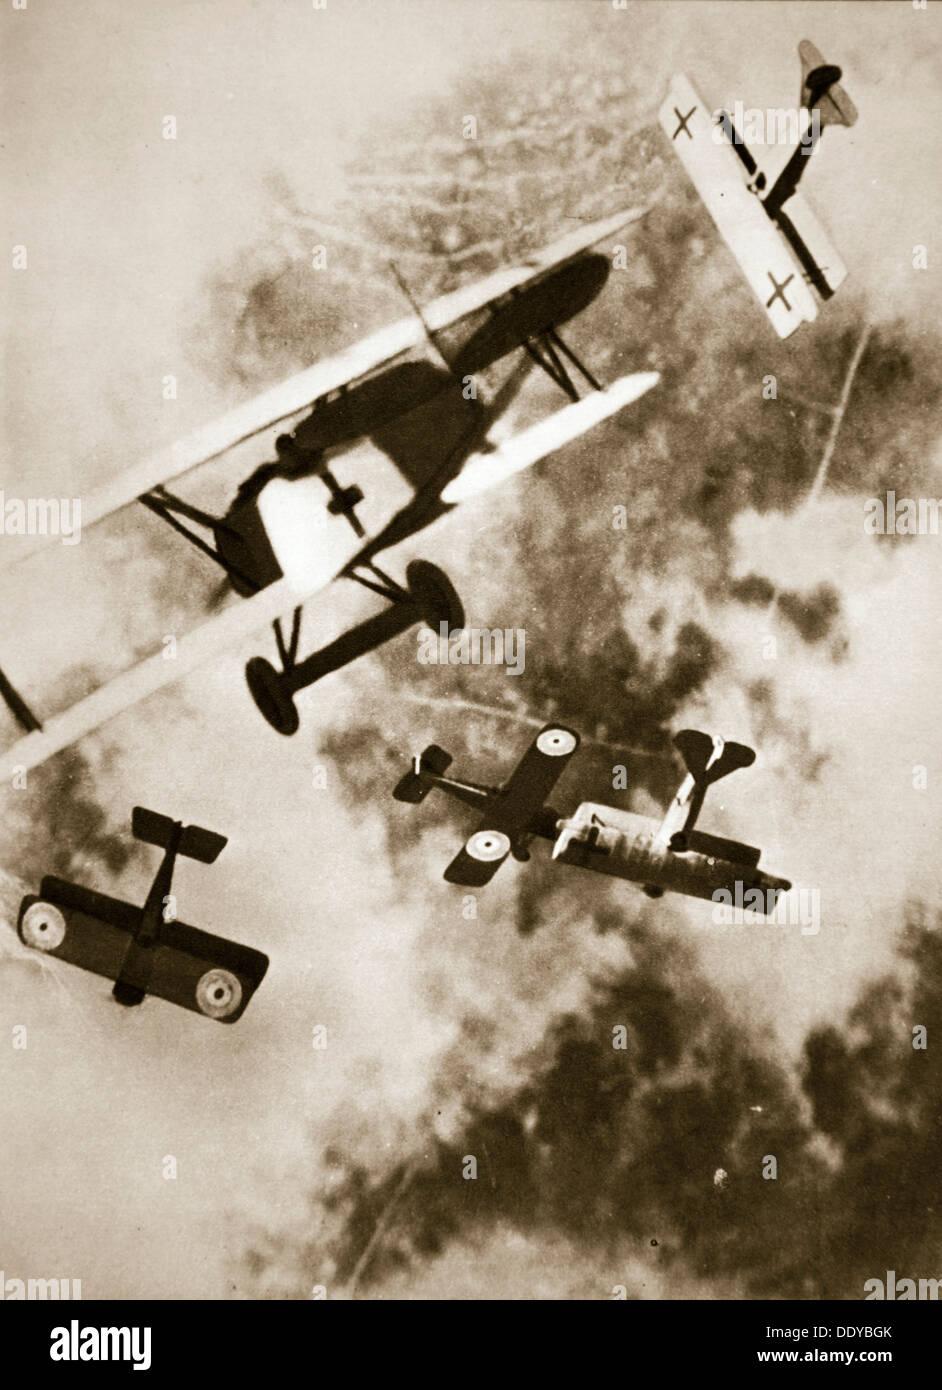 Ring di pugilato tra inglesi e tedeschi in aeromobili, la guerra mondiale I, C1916-c1918. Artista: sconosciuto Immagini Stock